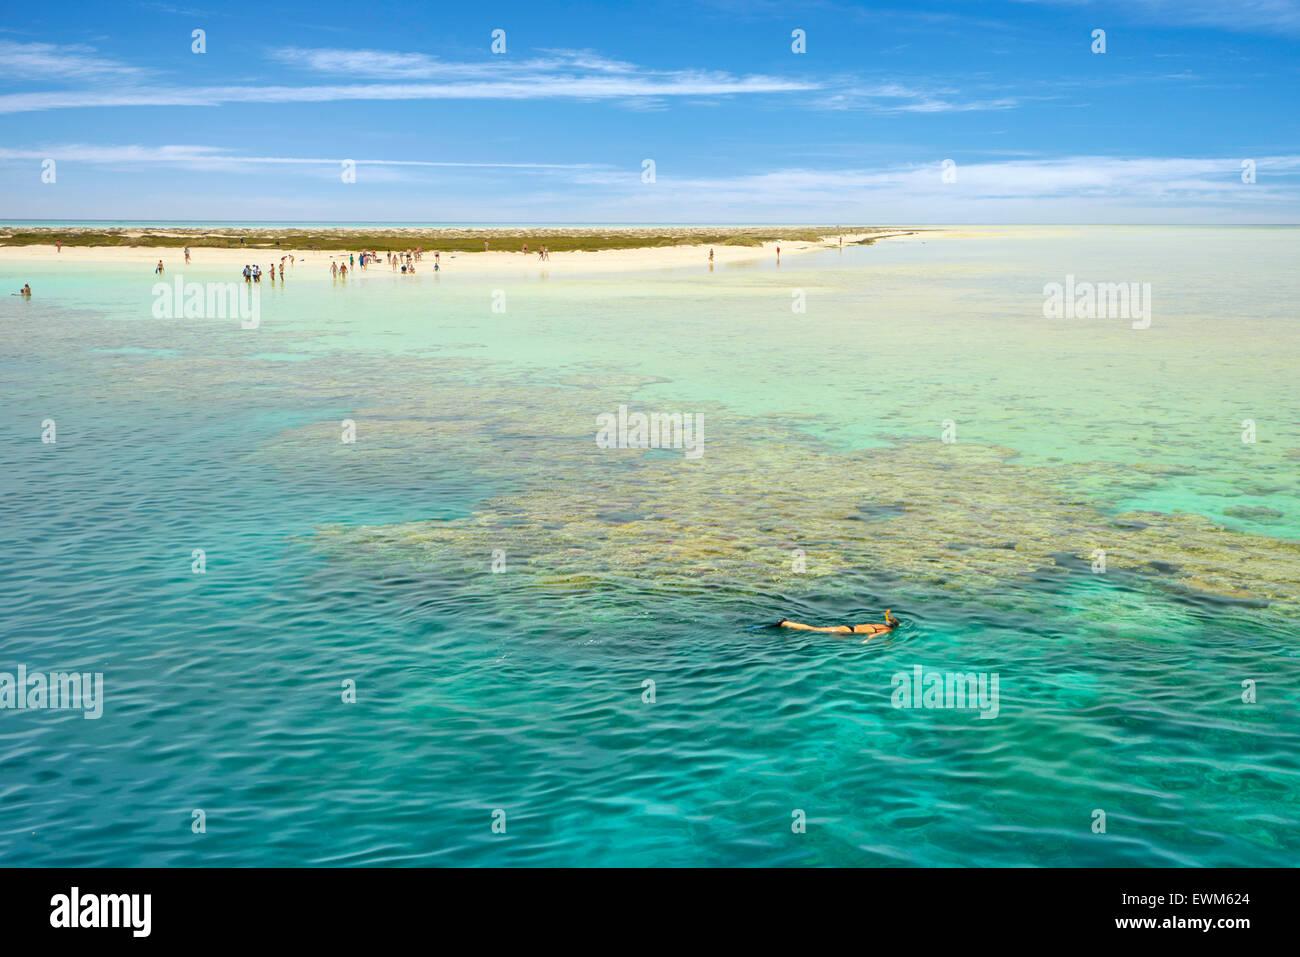 Isole Qulaan, Mar Rosso, Marsa Alam Regione, Egitto Foto Stock